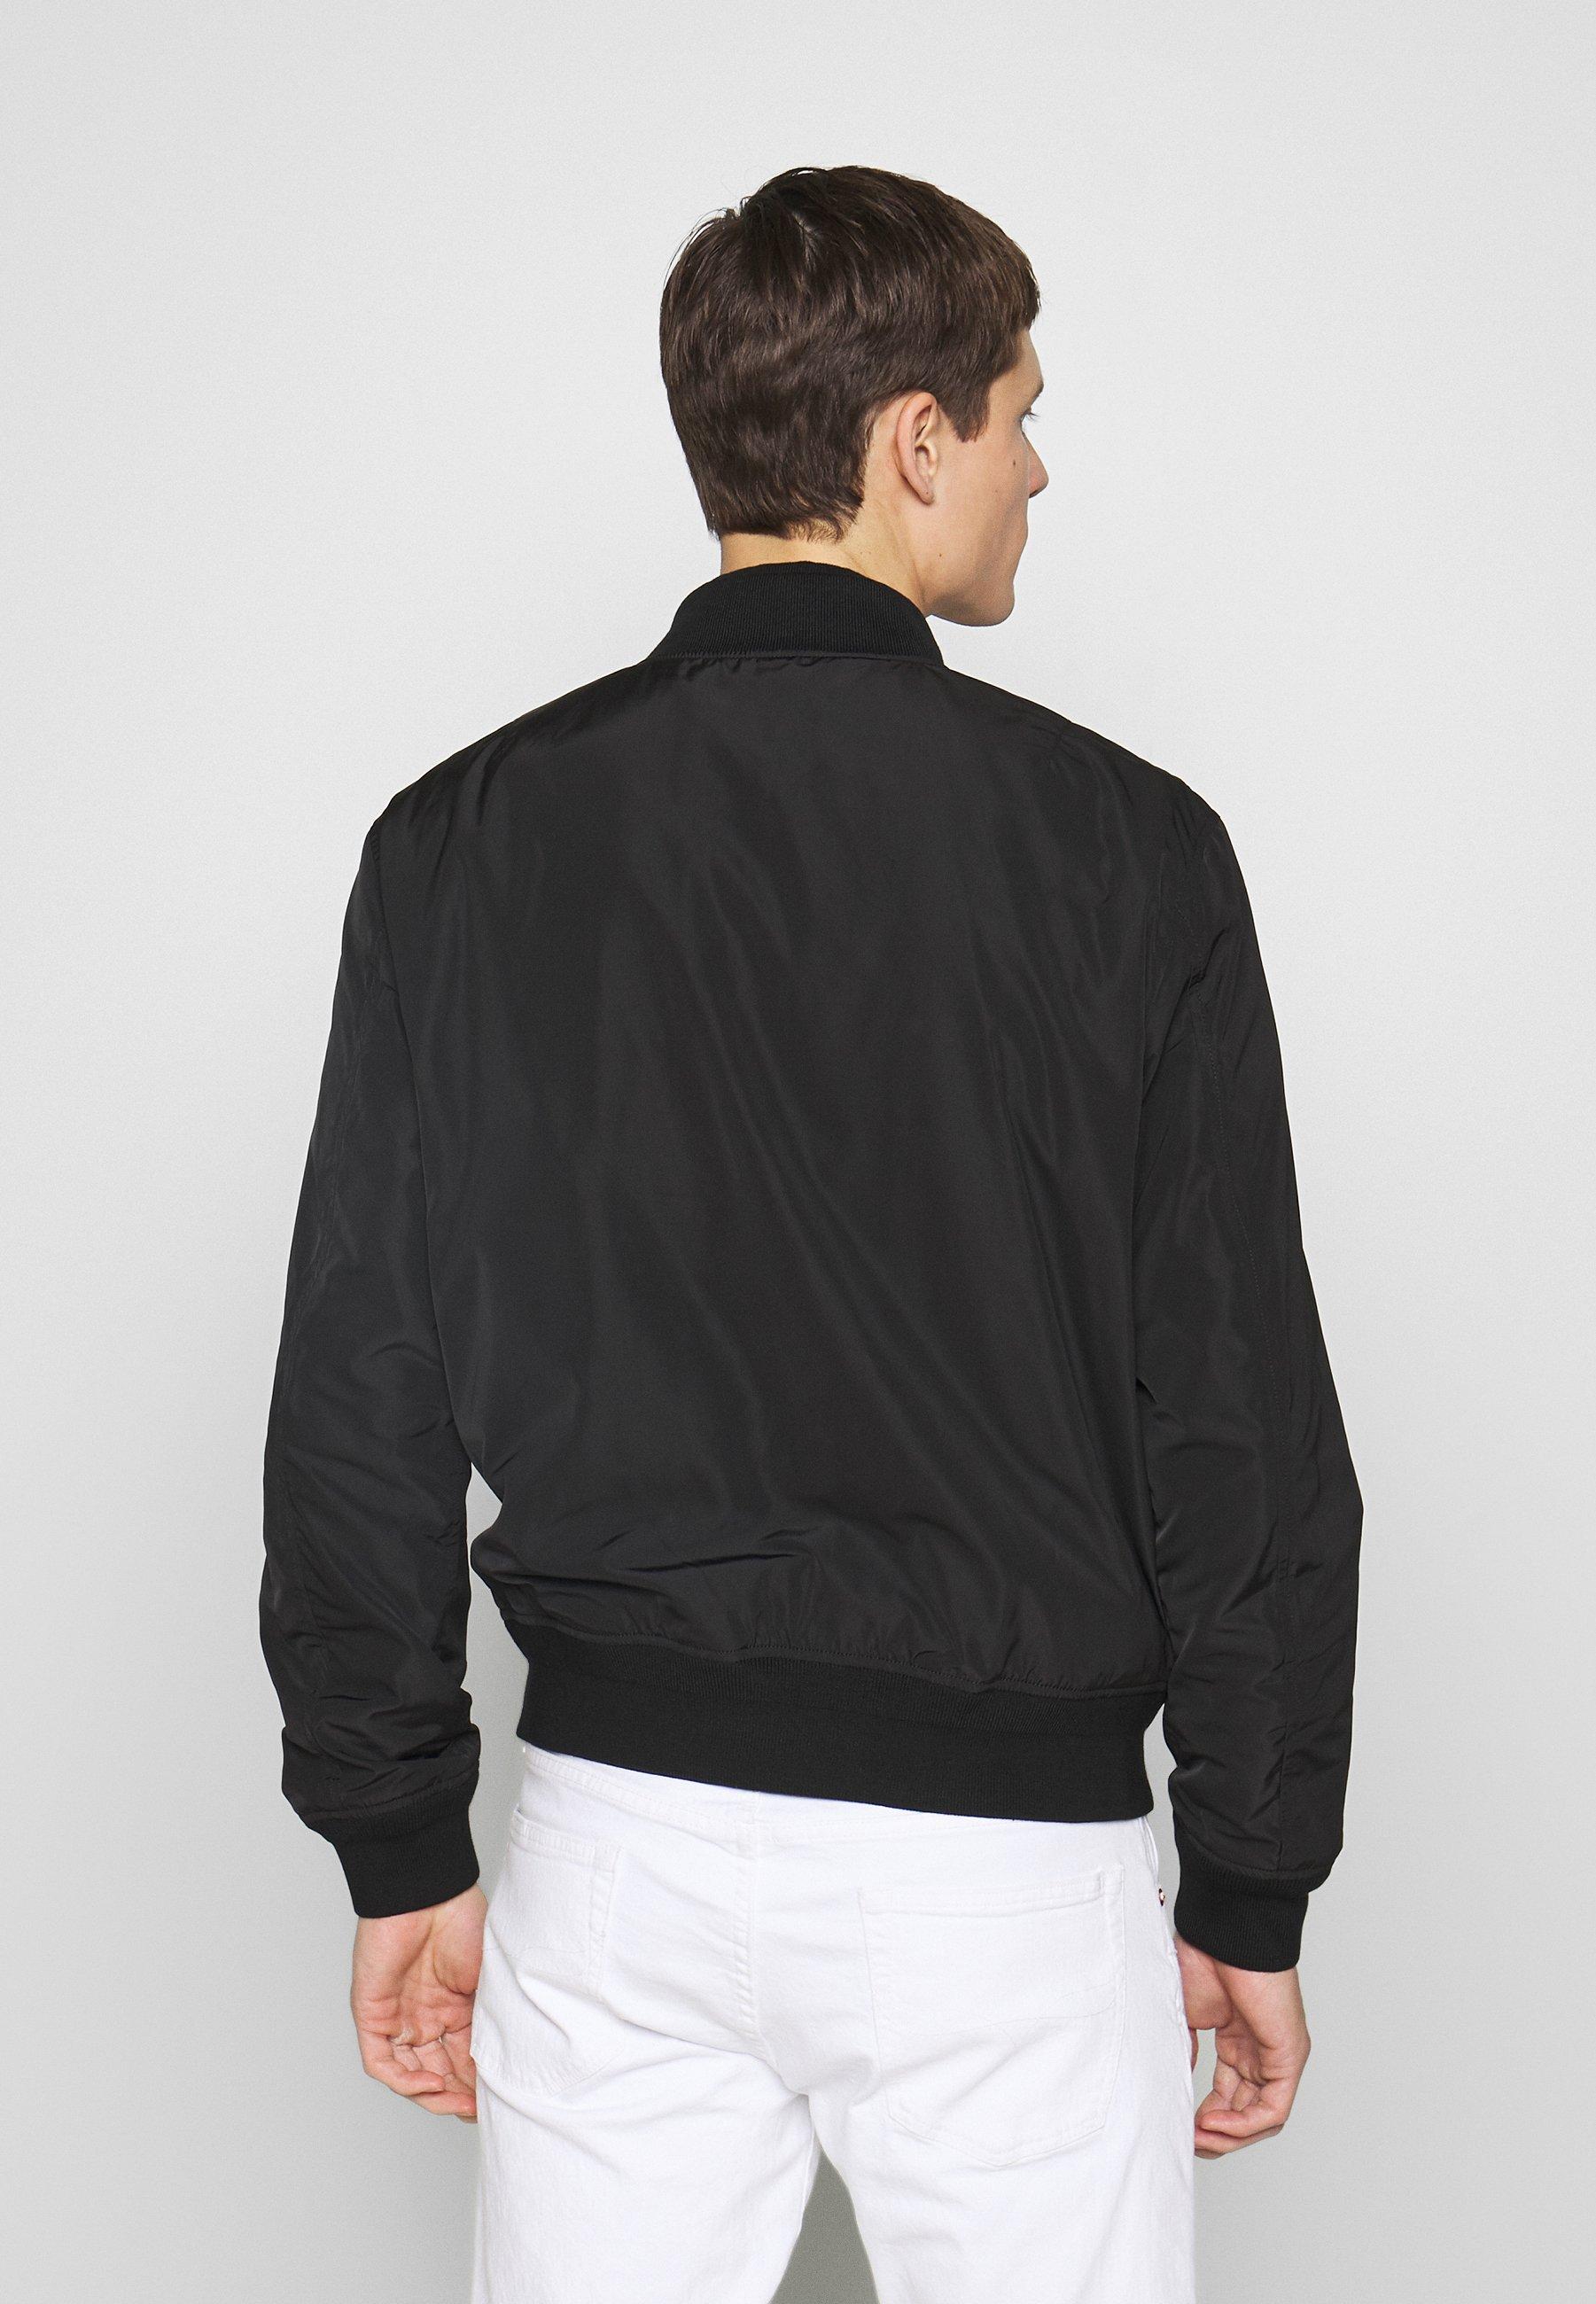 Ammattilainen Miesten vaatteet Sarja dfKJIUp97454sfGHYHD Polo Ralph Lauren CITY Bombertakki polo black